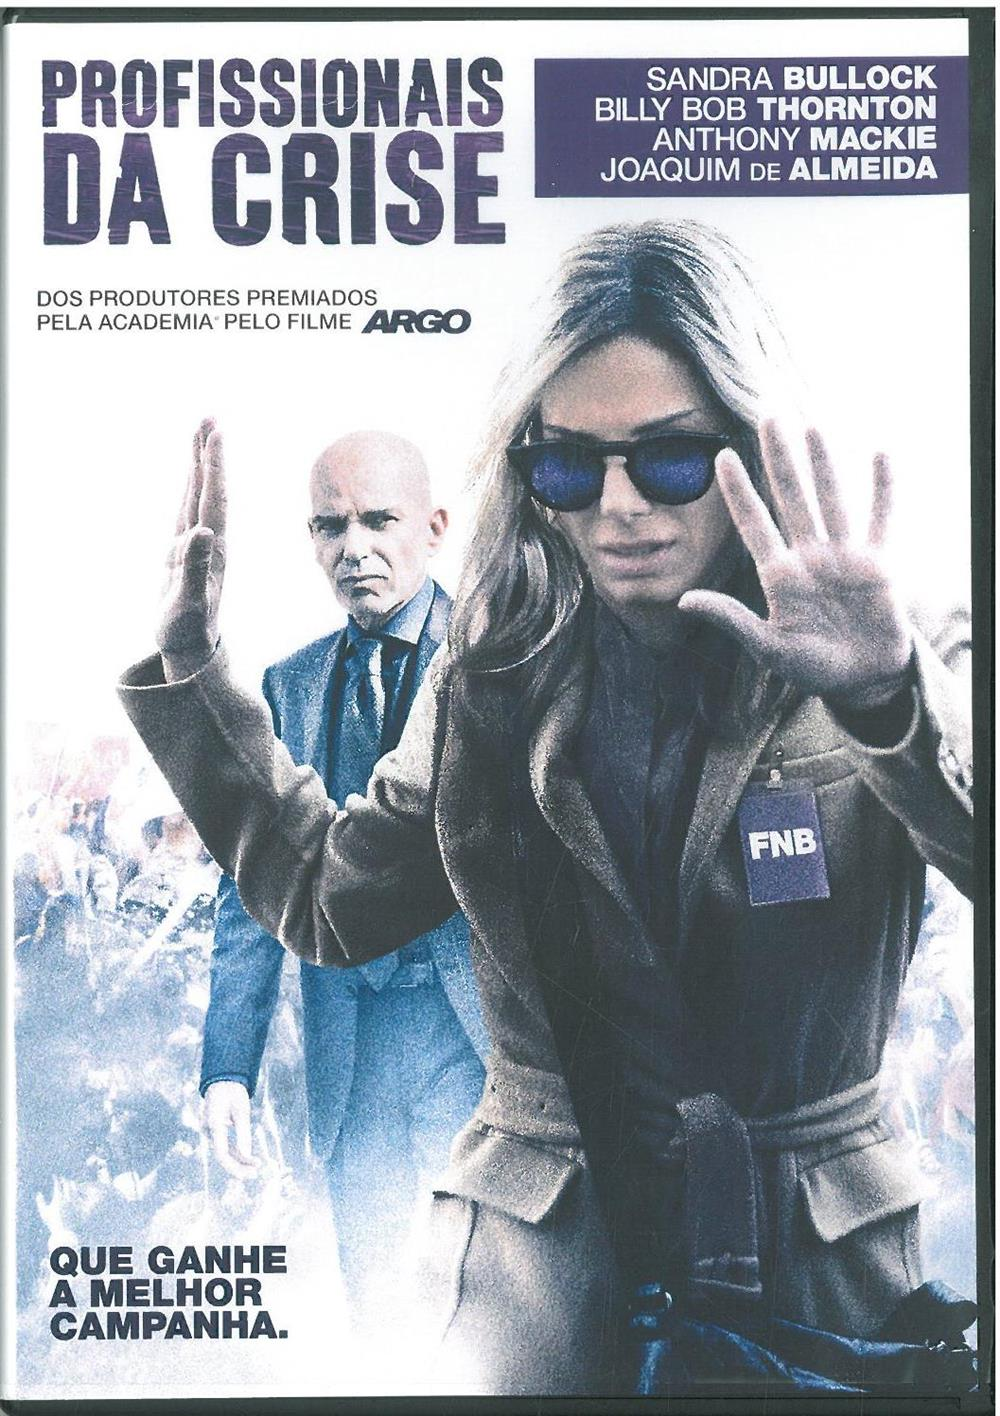 Profissionais da crise_DVD.jpg